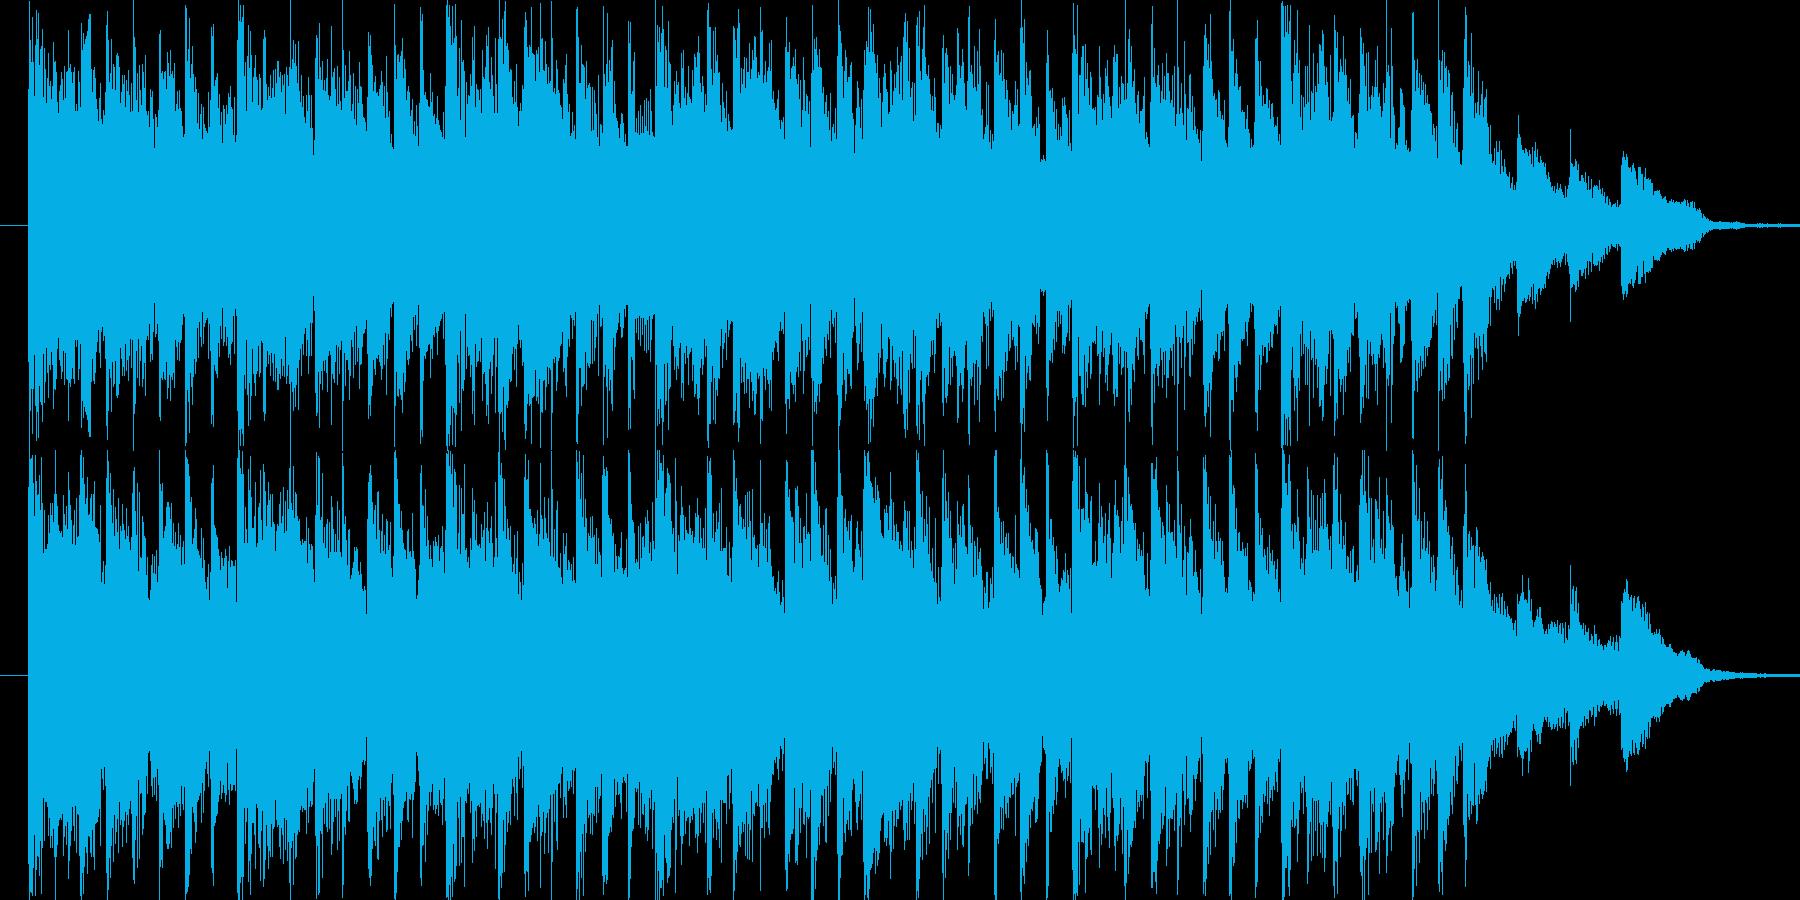 リズミックなポップBGM(15ver)の再生済みの波形